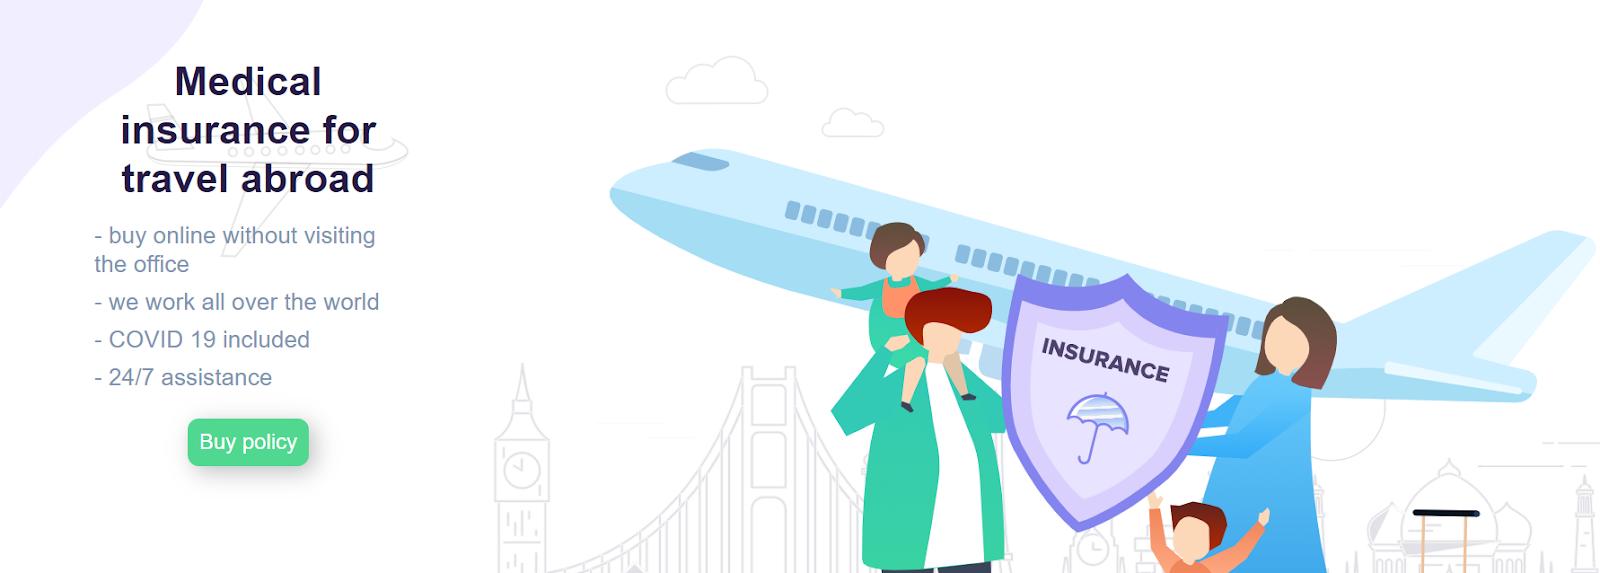 Медицинская страховка заграницу